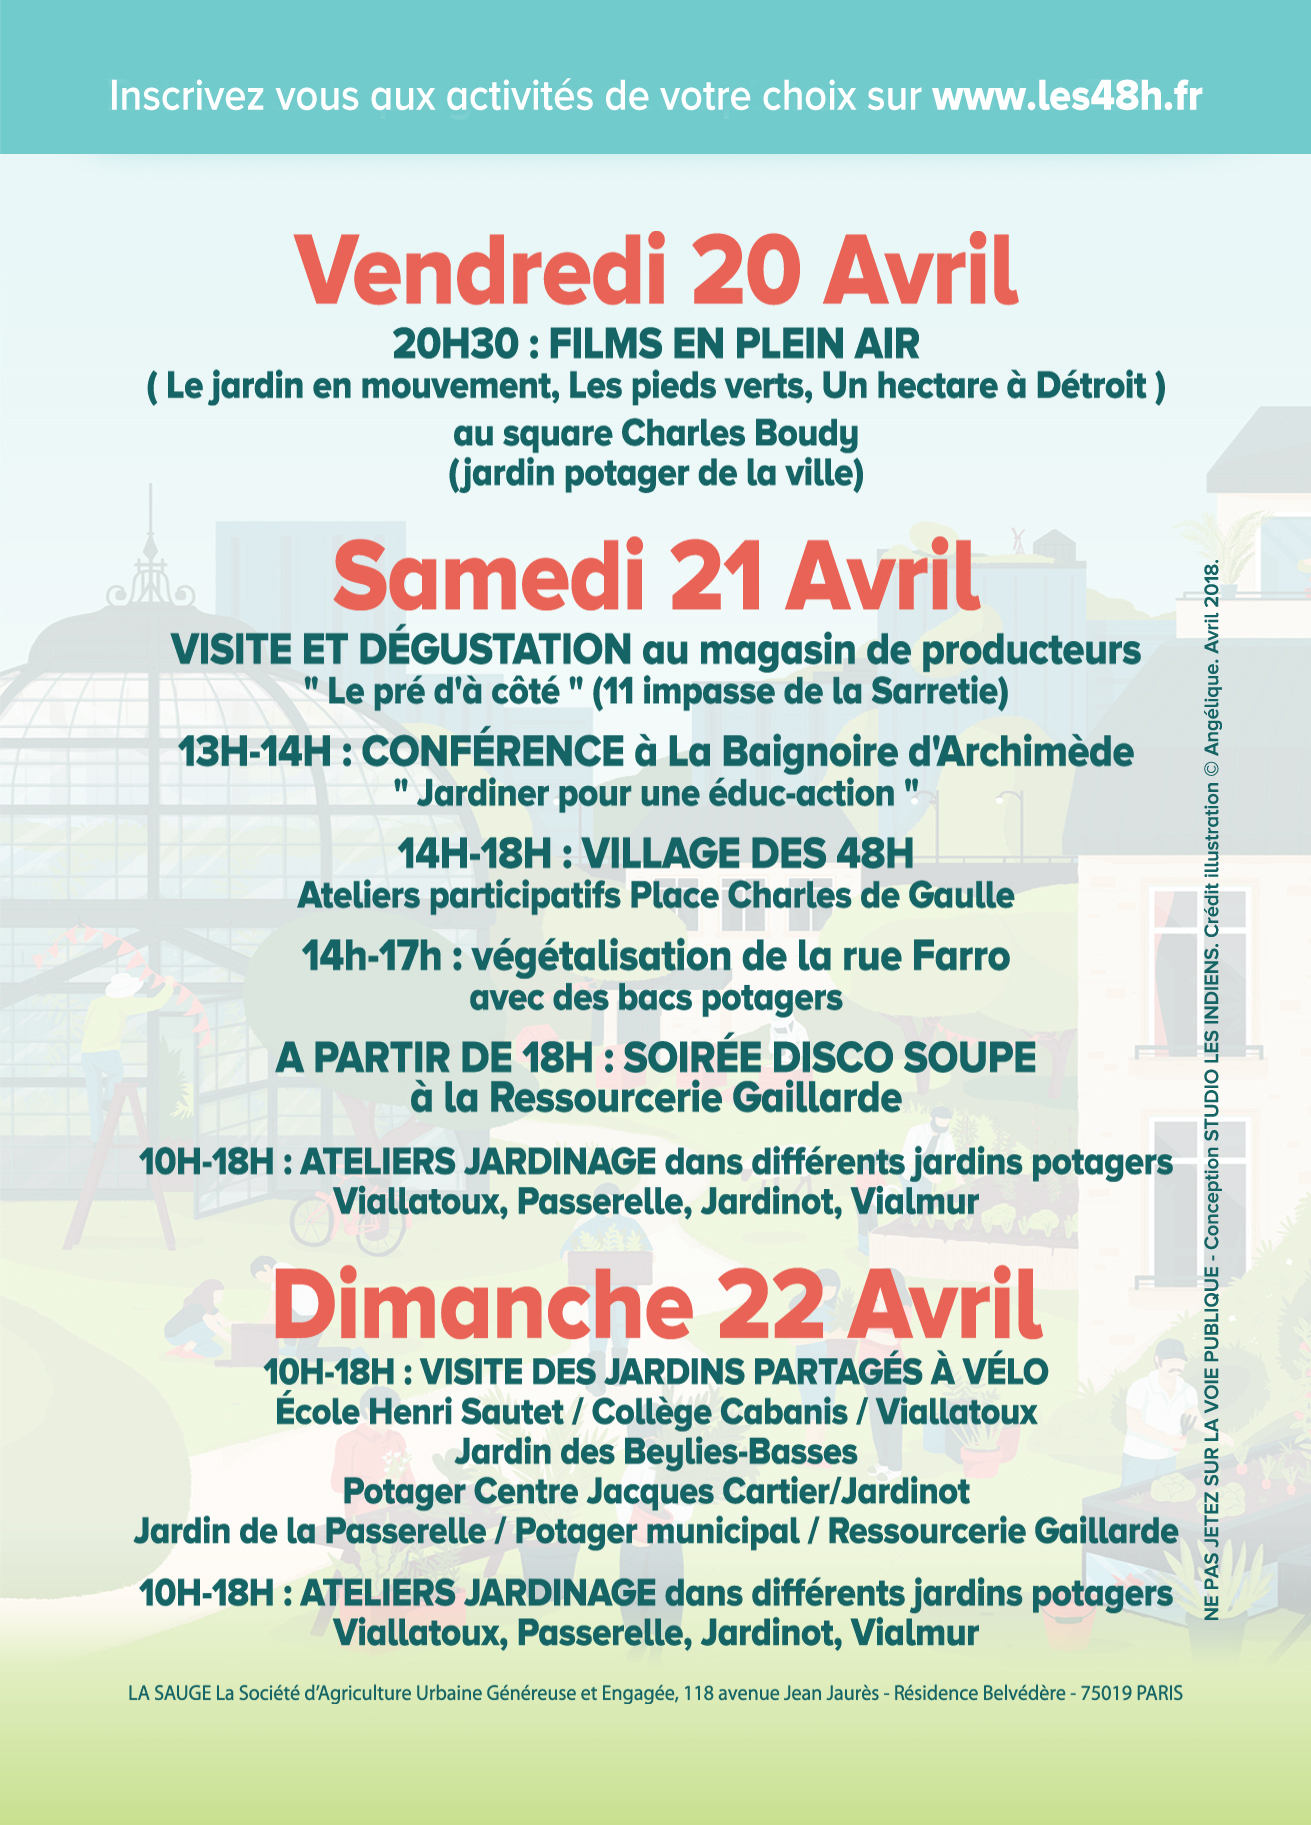 Seconde journée des 48h de l'agriculture urbaine à Brive @ Divers endroits de la ville de Brive